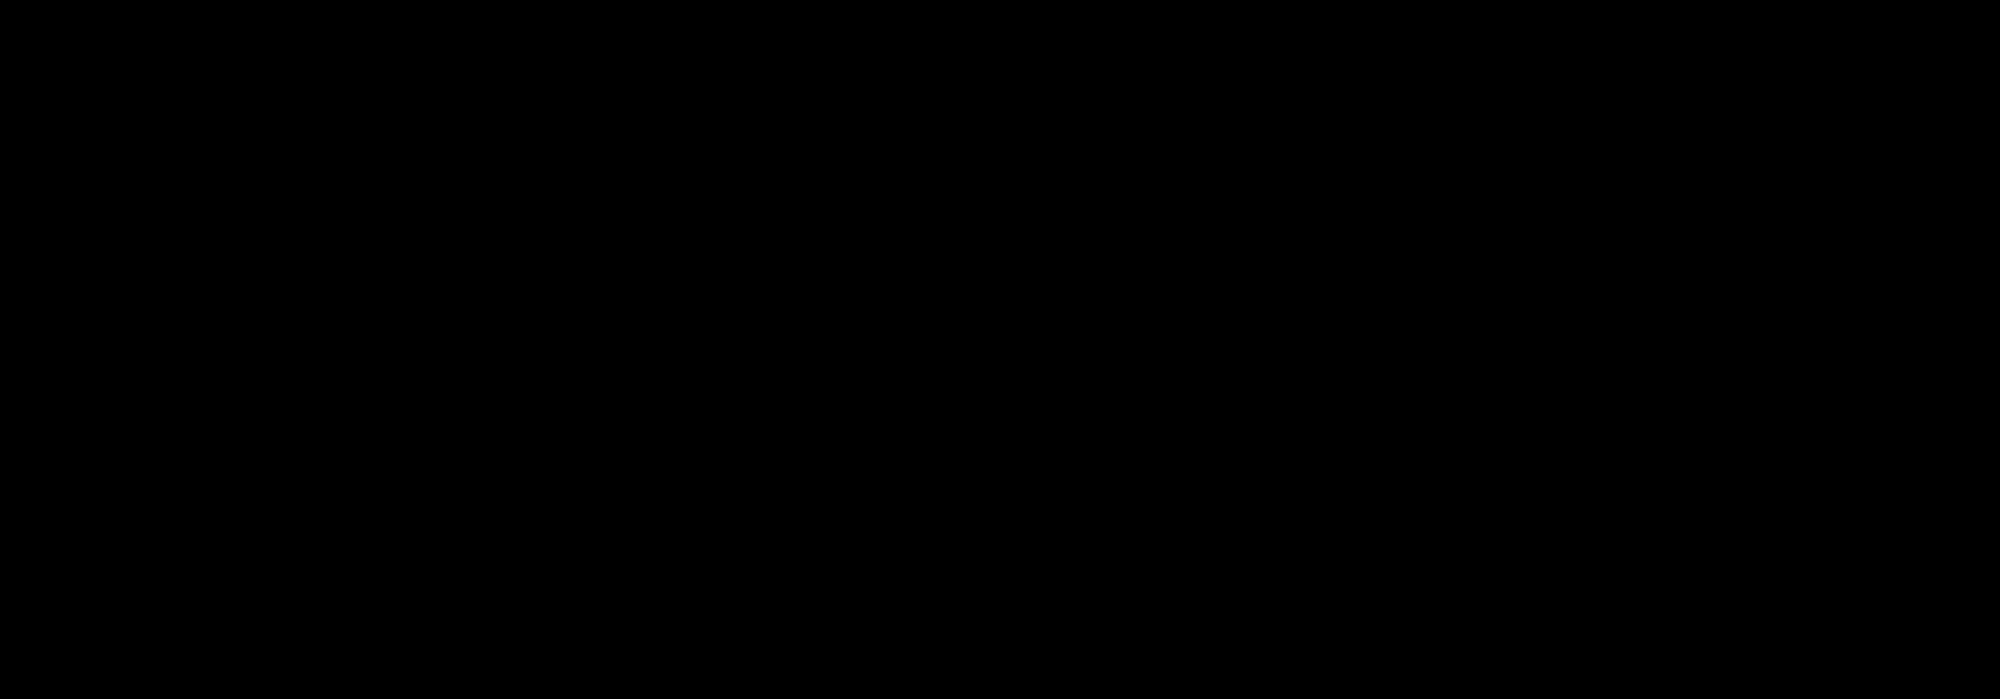 Line clipart line segment. File subtraction svg wikimedia